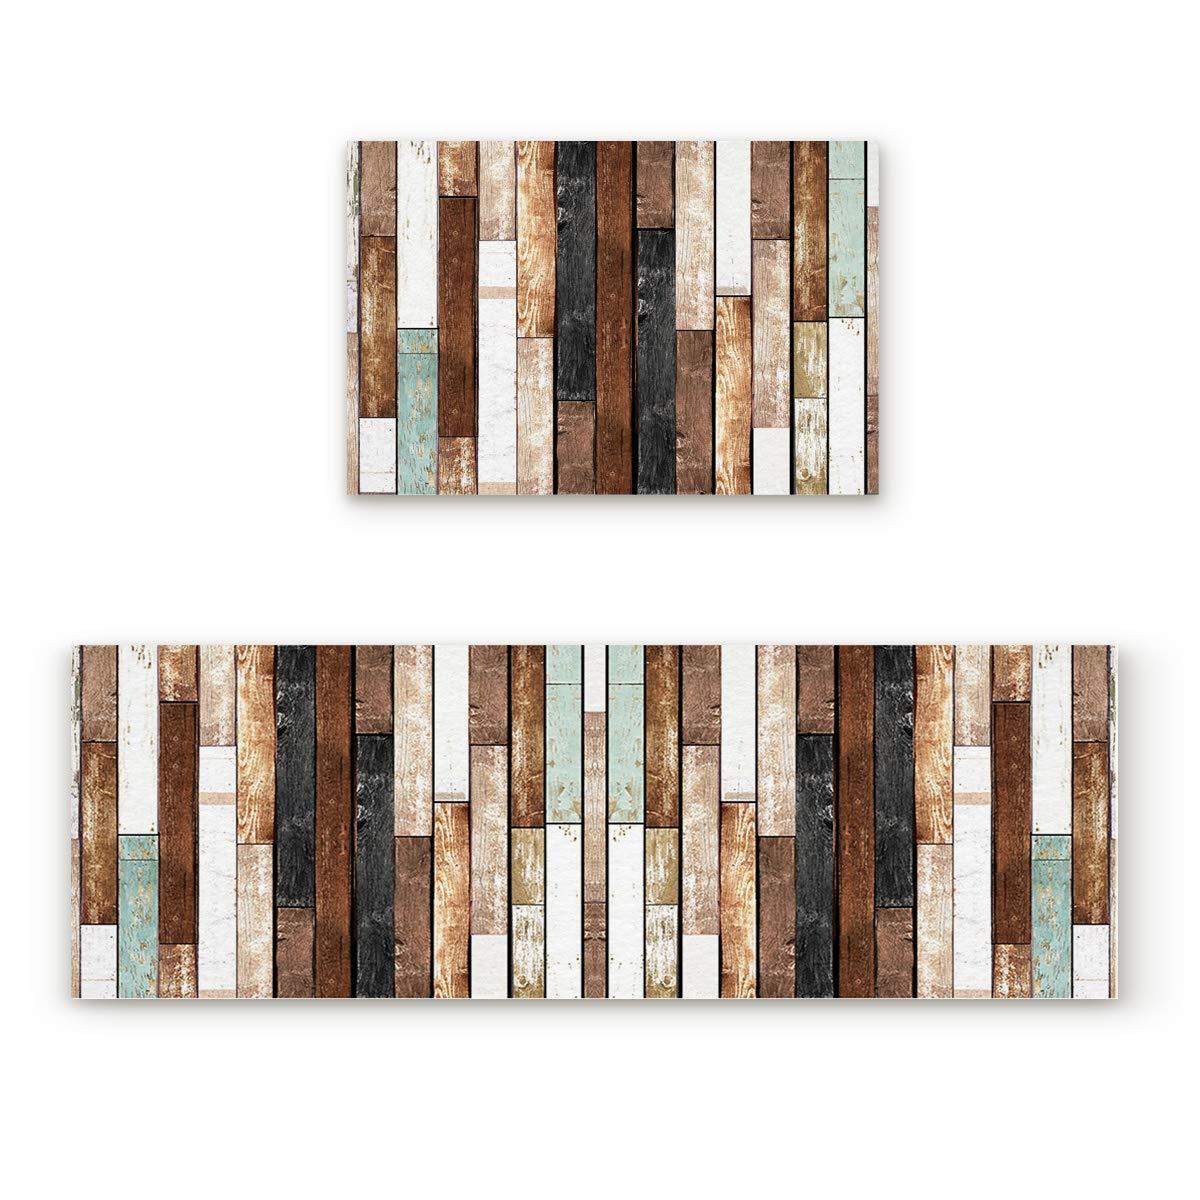 Wood Grain16fiy6254 23.6x35.4In+23.6x70.9In Findamy Non-Slip Indoor Door Mat Entrance Rug Rectangle Absorbent Moisture Floor Carpet for Retro Board Pattern Doormat 23.6x35.4In+23.6x70.9In